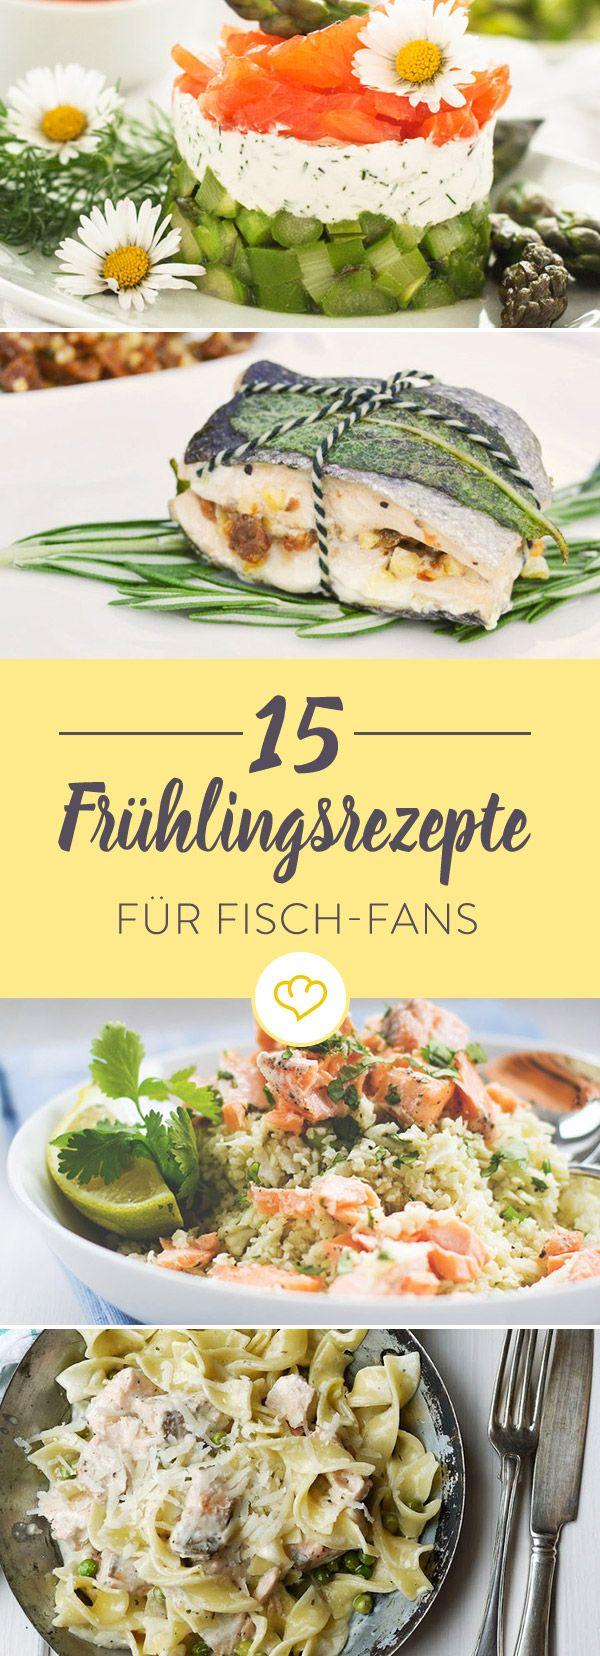 Was im Frühlings besonders lecker schmeckt? Fisch. Ob Thunfisch oder Lachs, zu Spargel oder Tomaten - 15 raffinierte Ideen für dein Frühlingsdinner.